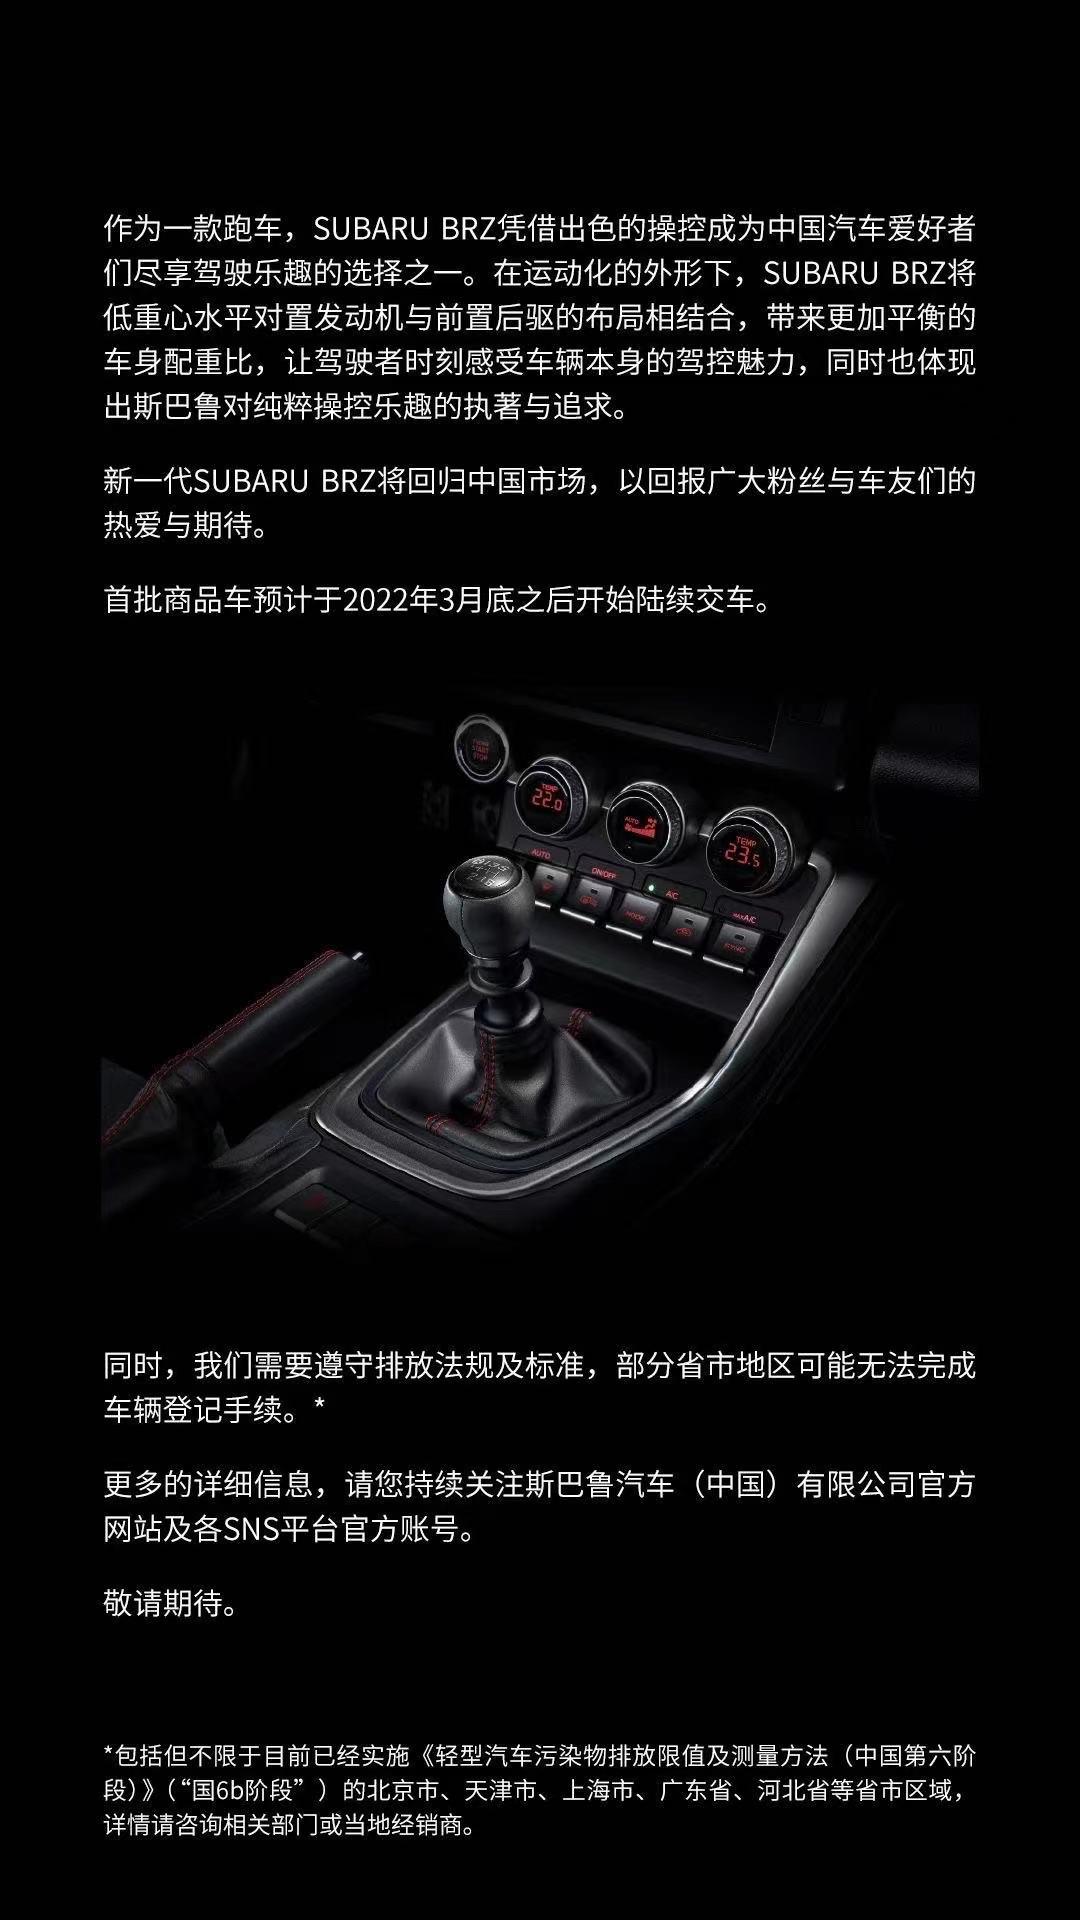 新一代斯巴鲁BRZ将重新回归中国市场